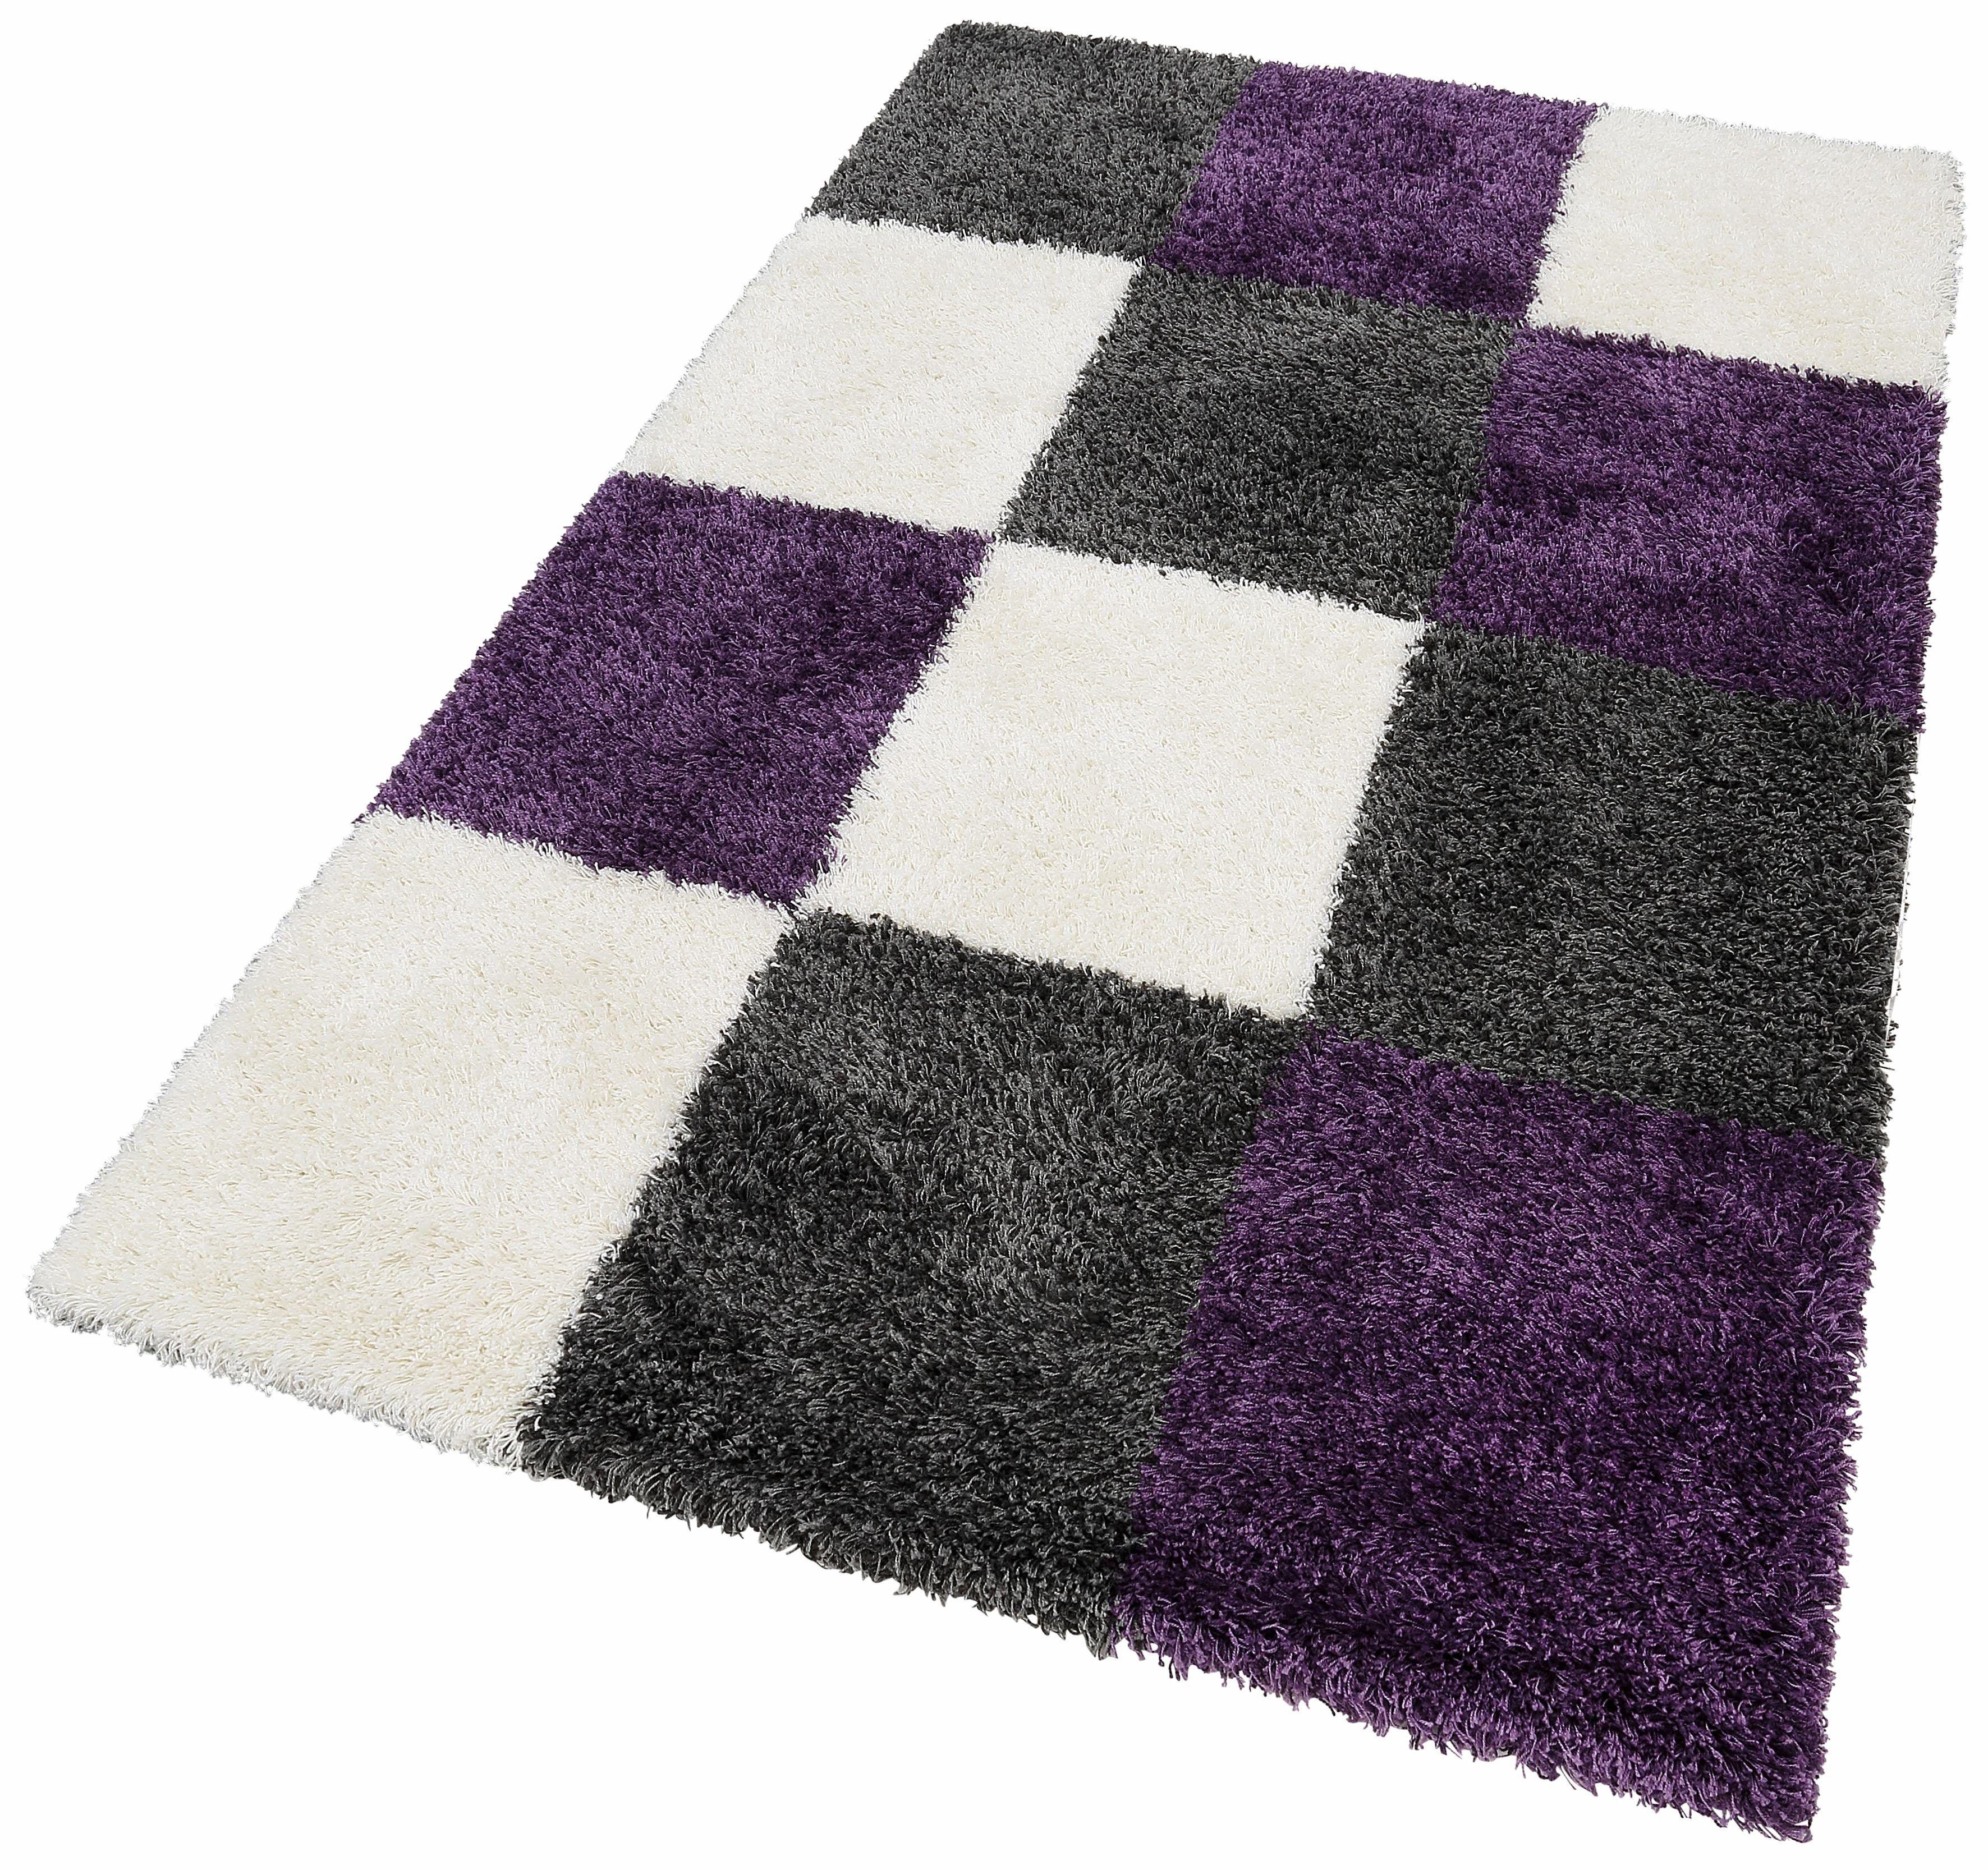 Innenarchitektur wohnzimmer lila pin von ladendirekt auf teppiche  pinterest  hochflor teppich